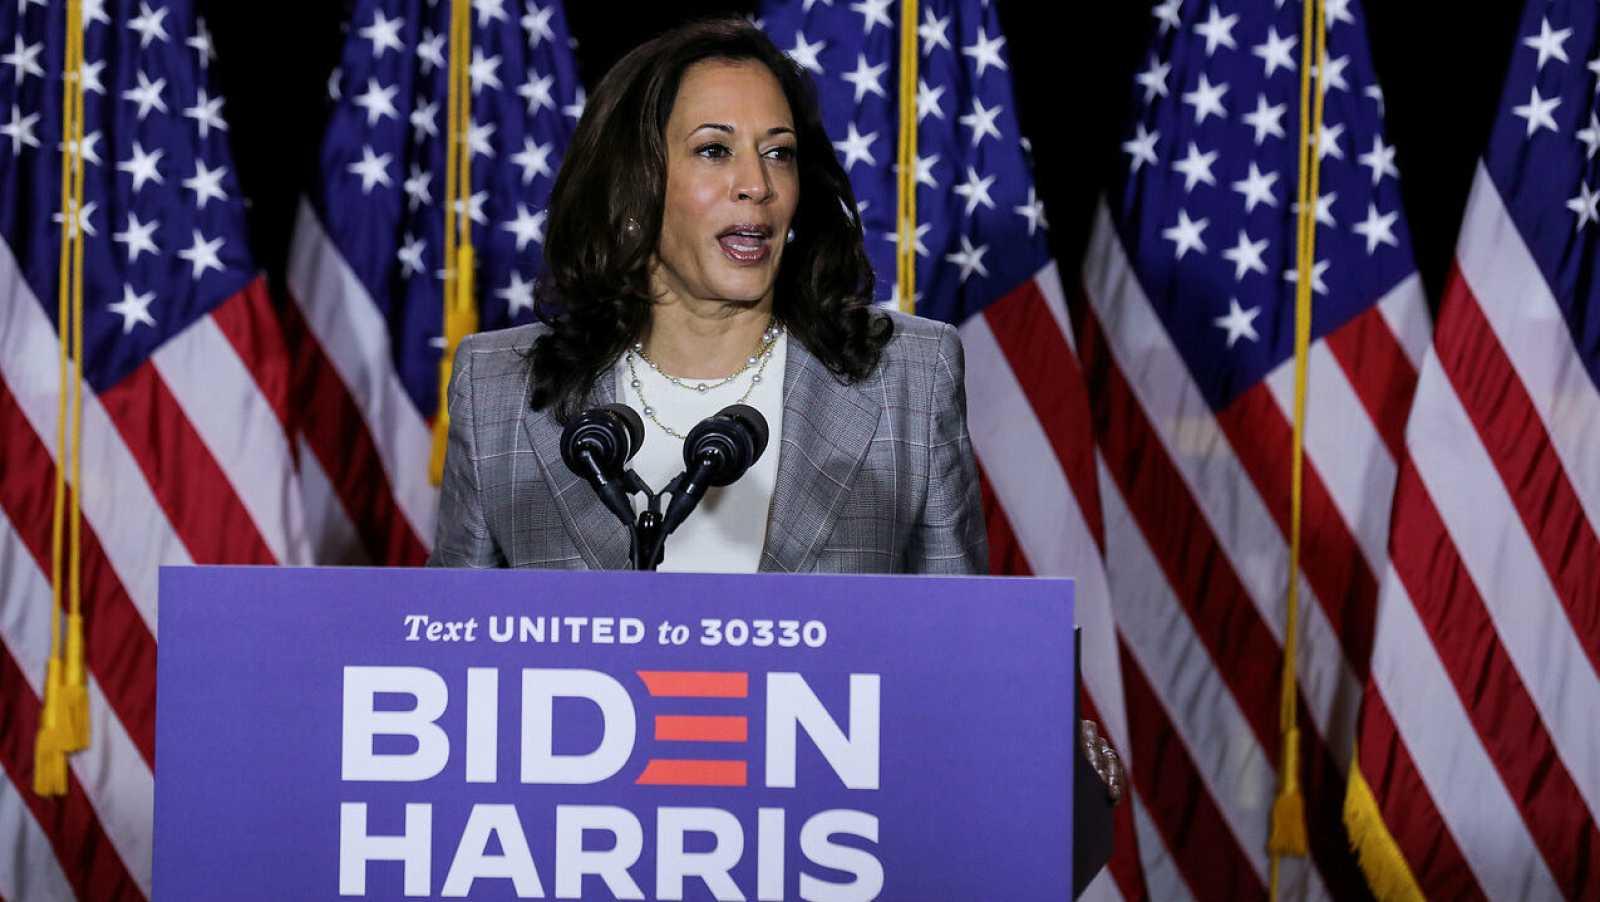 La candidata demócrata a la vicepresidencia de Estados Unidos, Kamala Harris, habla con los periodistas durante un evento de campaña en Wilmington, Delaware, Estados Unidos.